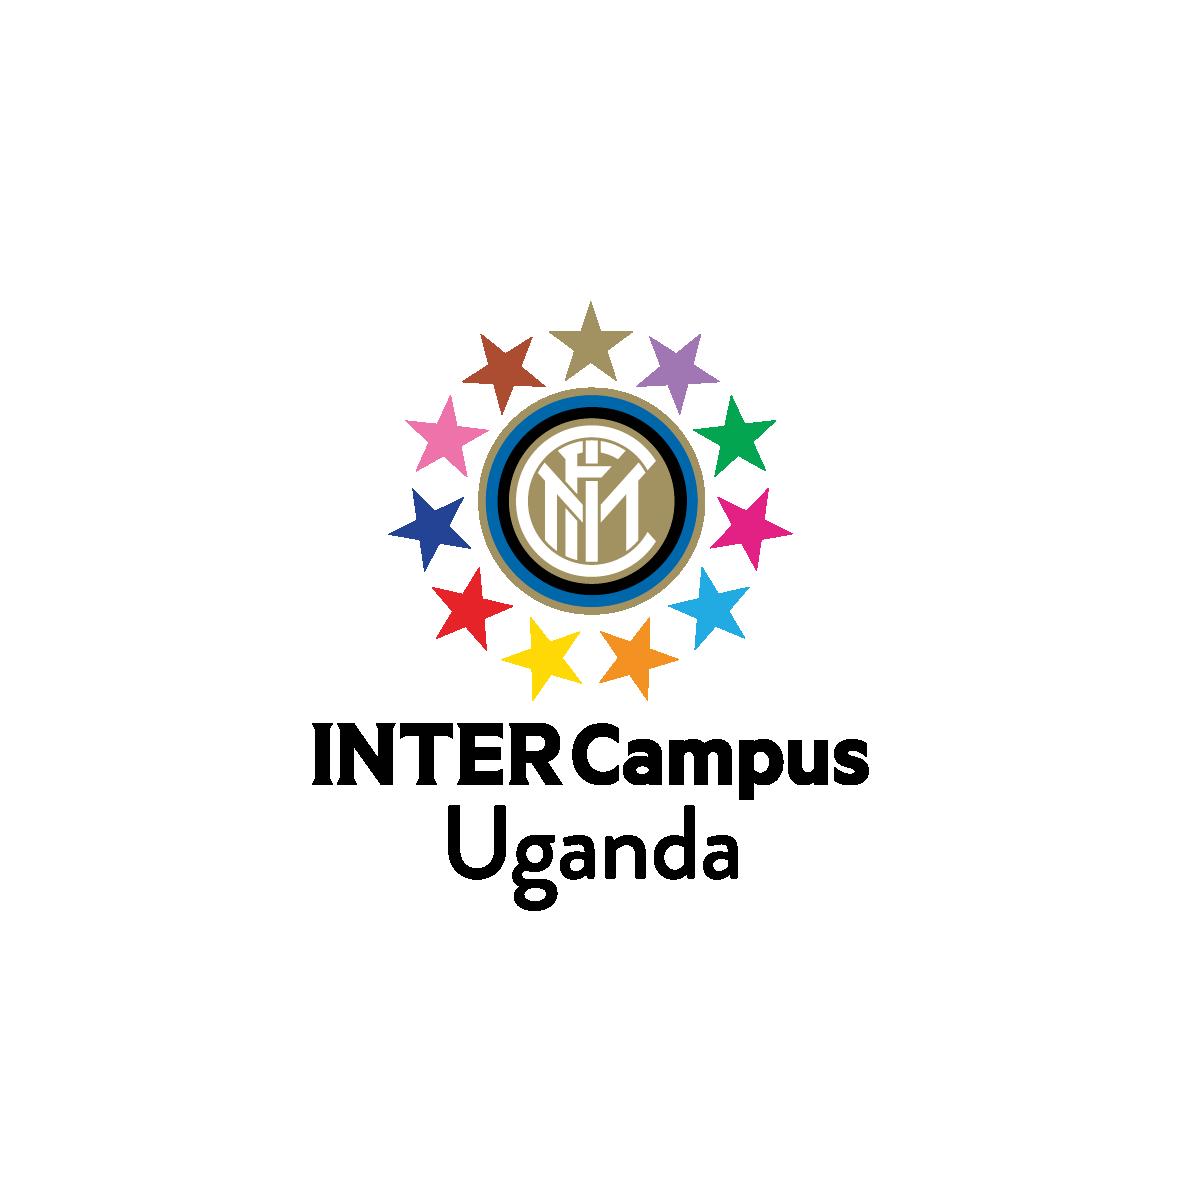 Logo - InterCampus Uganda